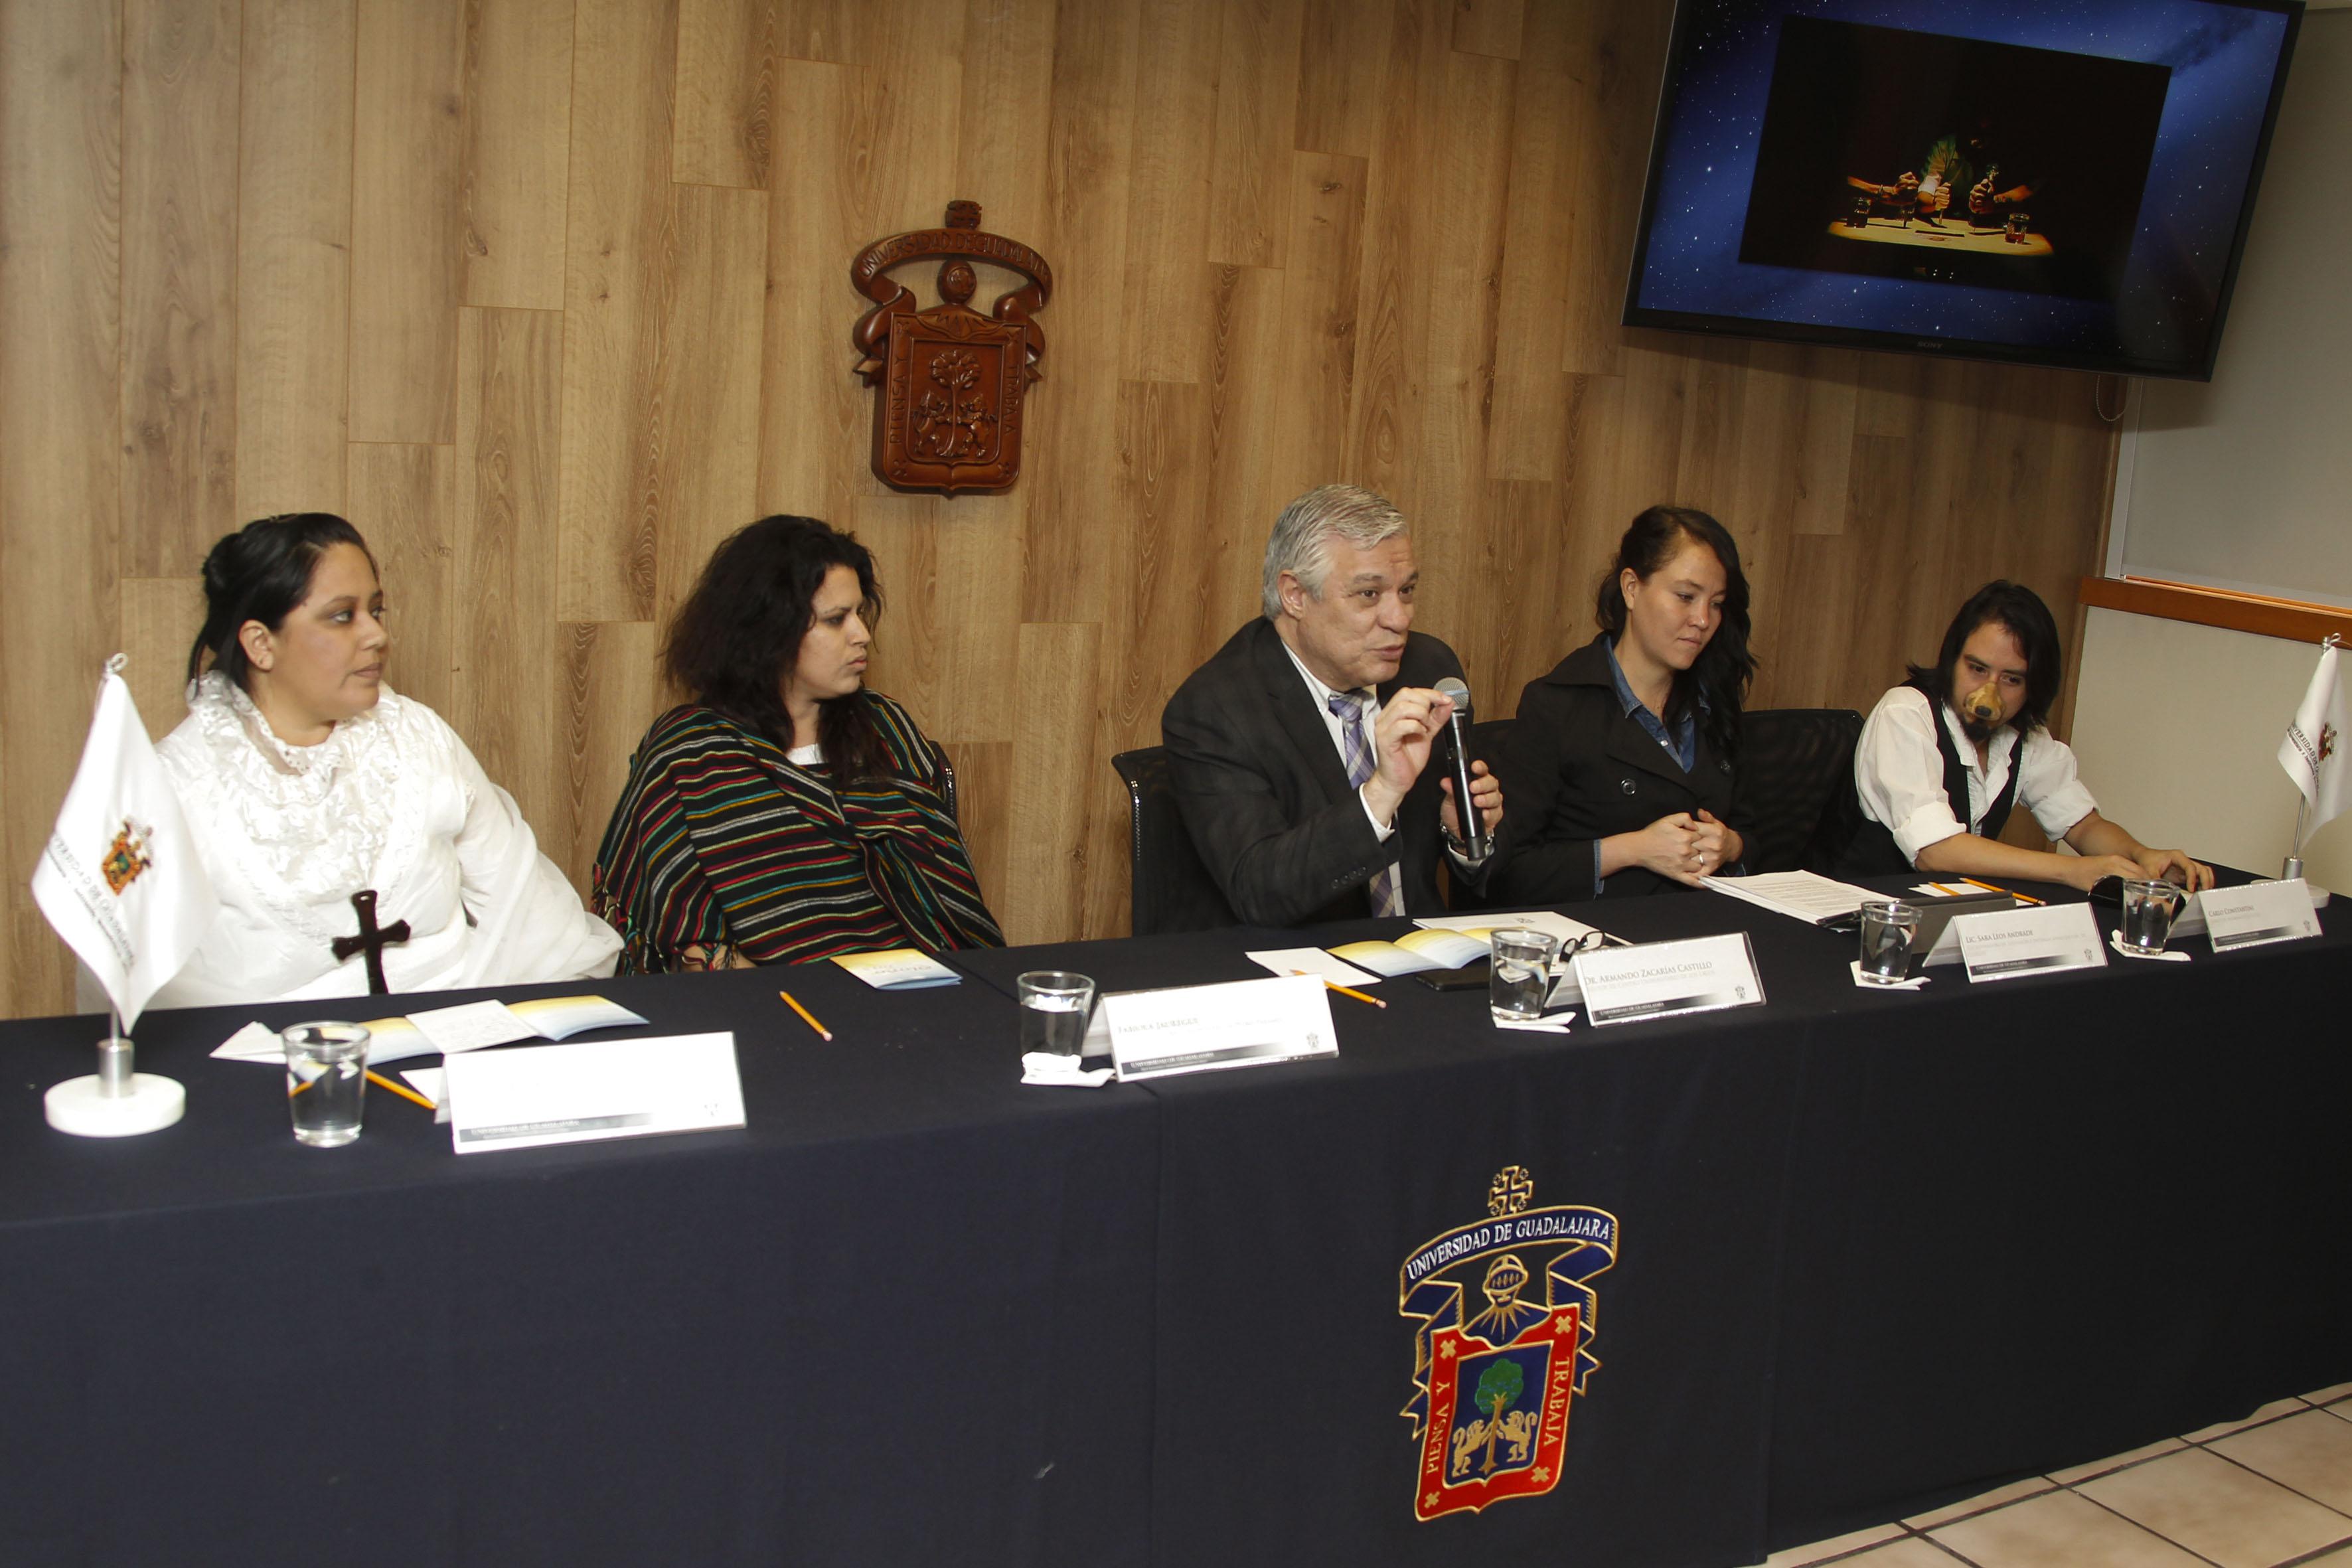 Rueda de prensa del Festival Cultural de Otoño, CULagos.